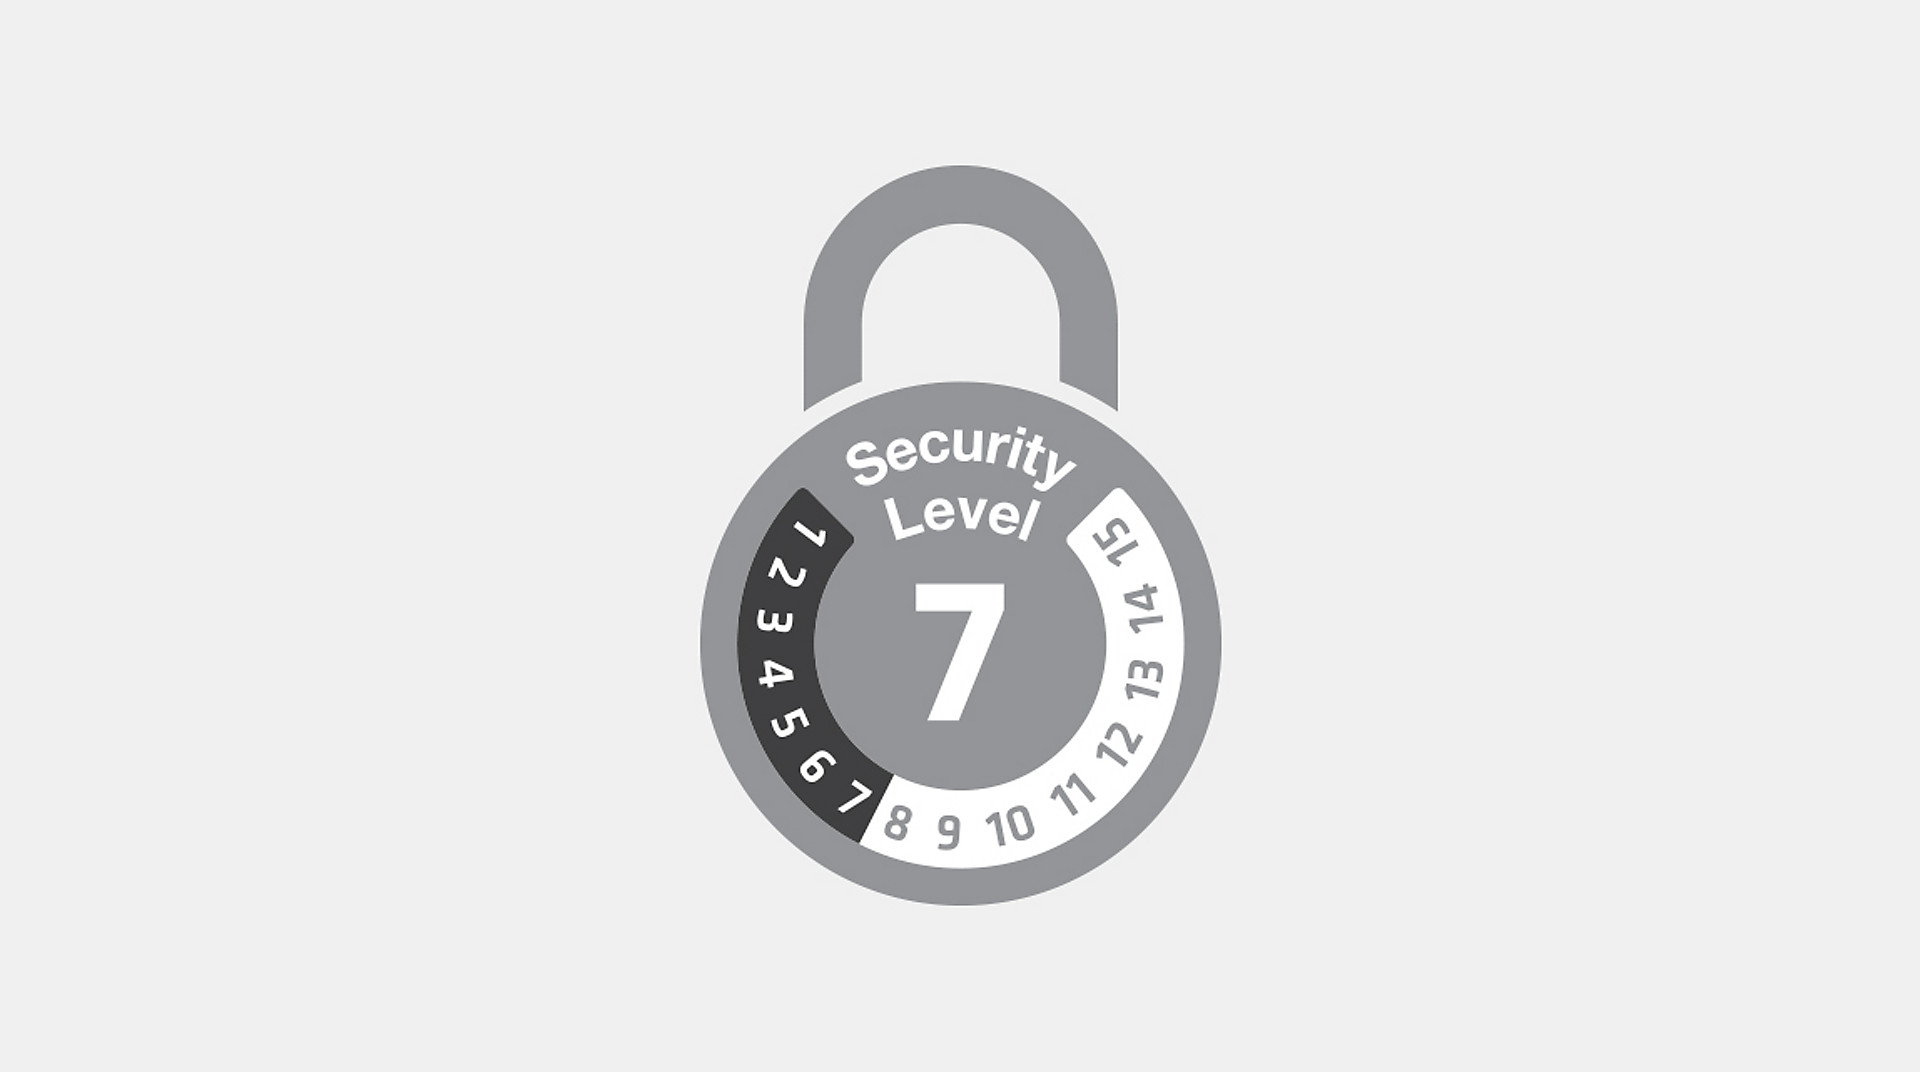 Lock_PDP_Security_7?$responsive-pjpg$&ca